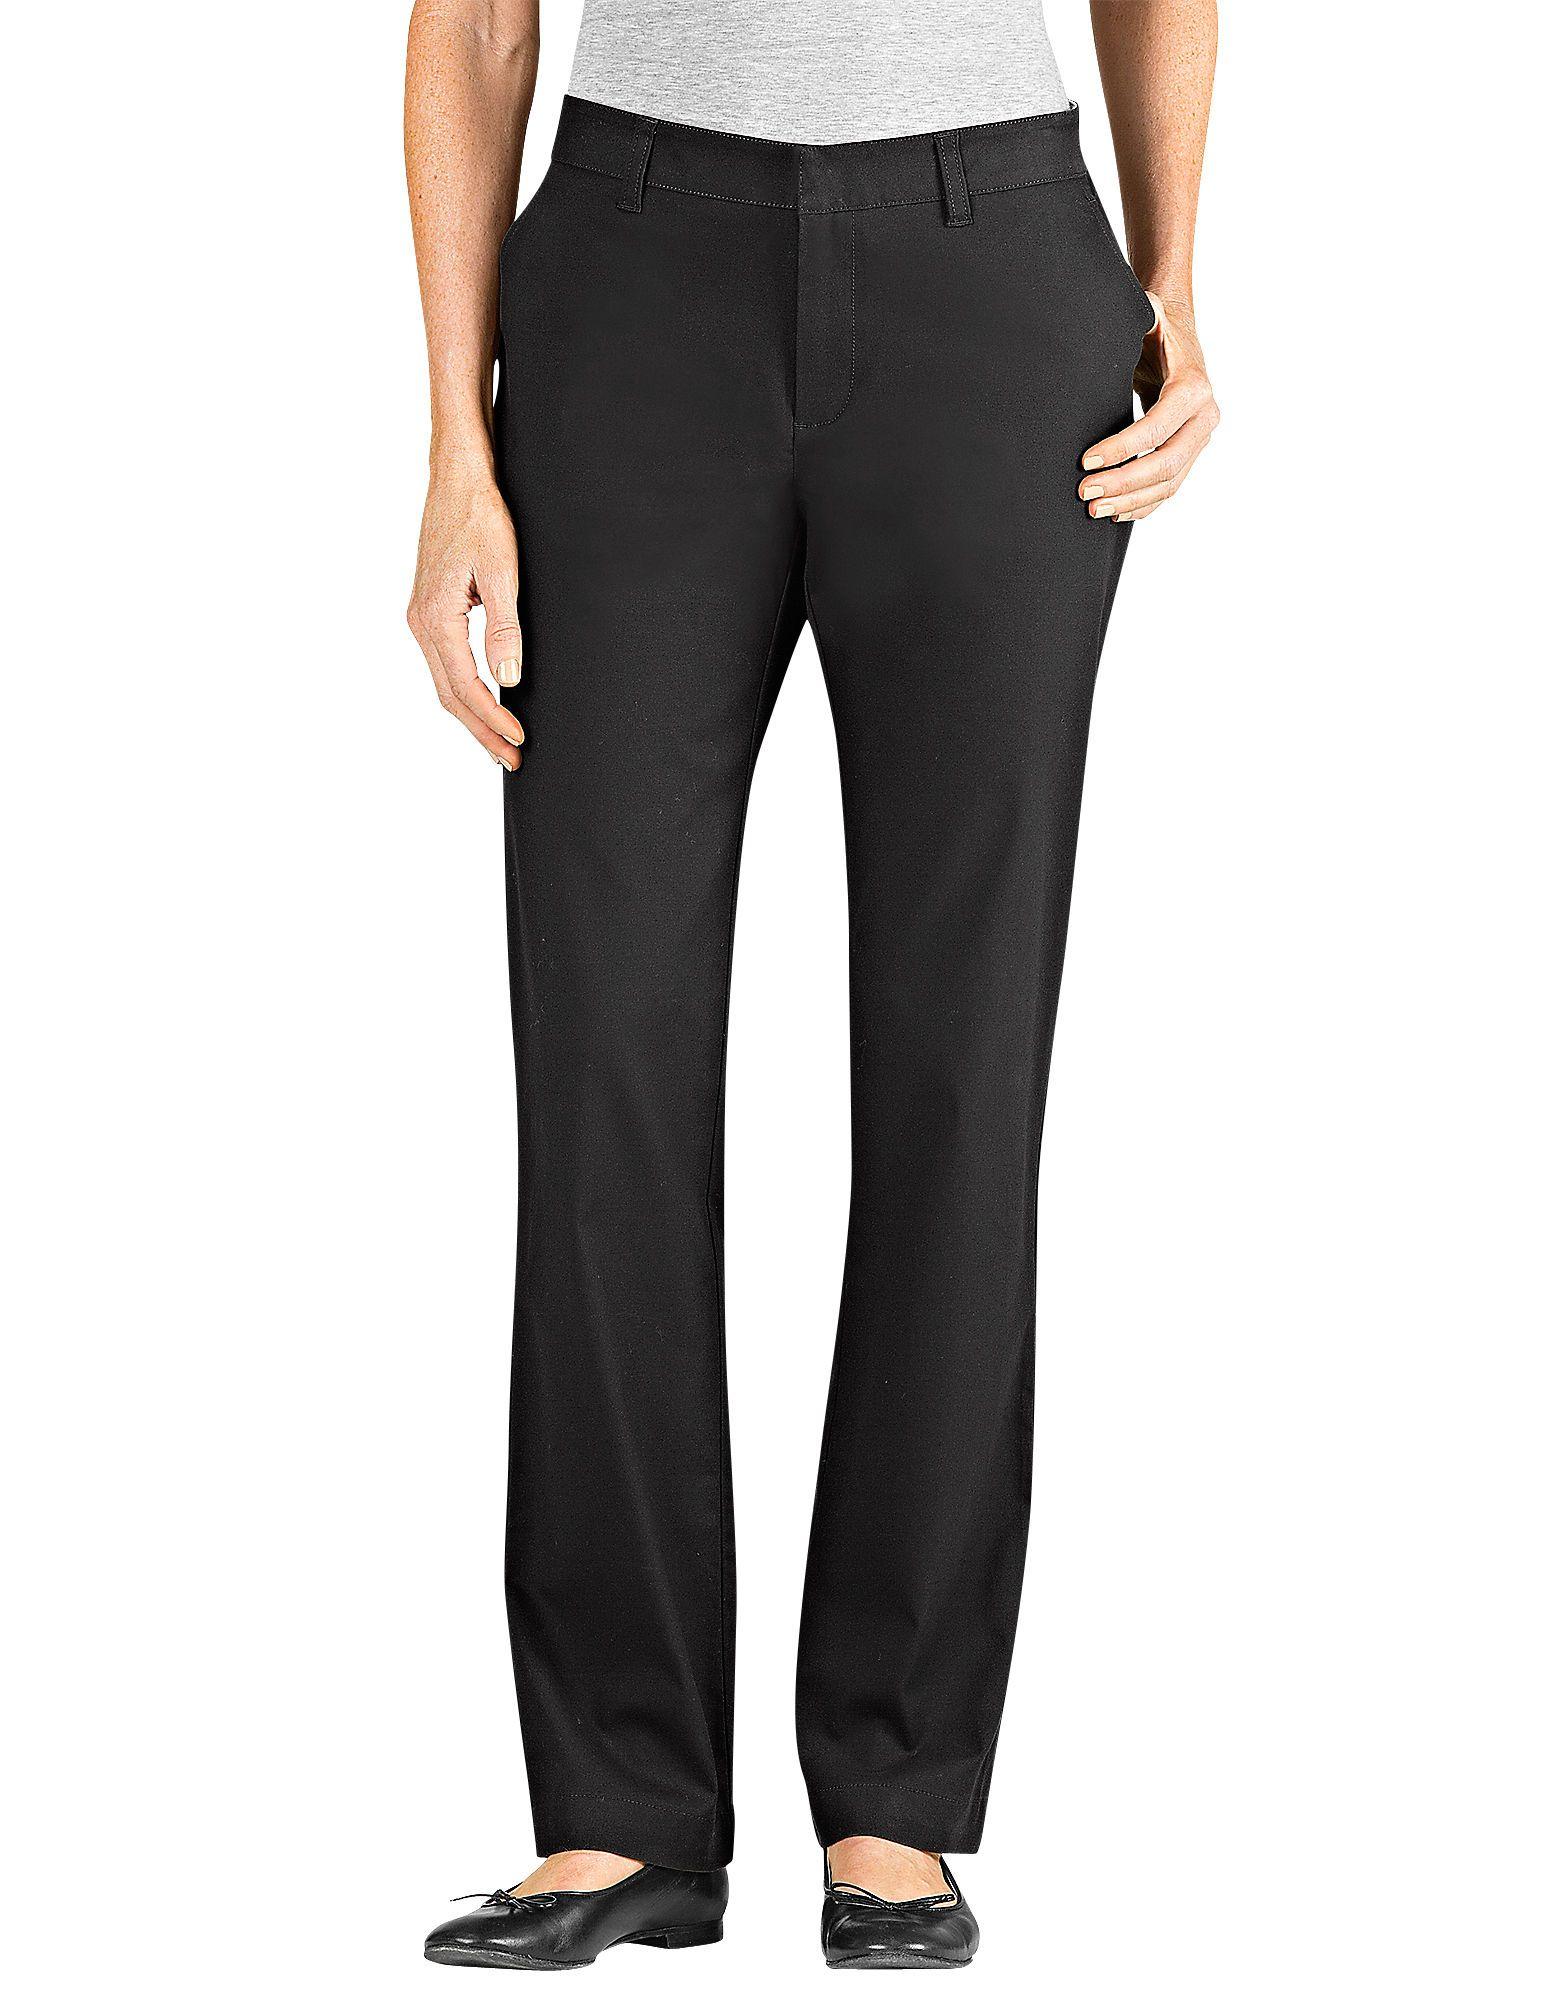 Dickies Women s Slim Fit Straight Leg Stretch Twill Pant FP212 Black ... 5ad9c1d59f25